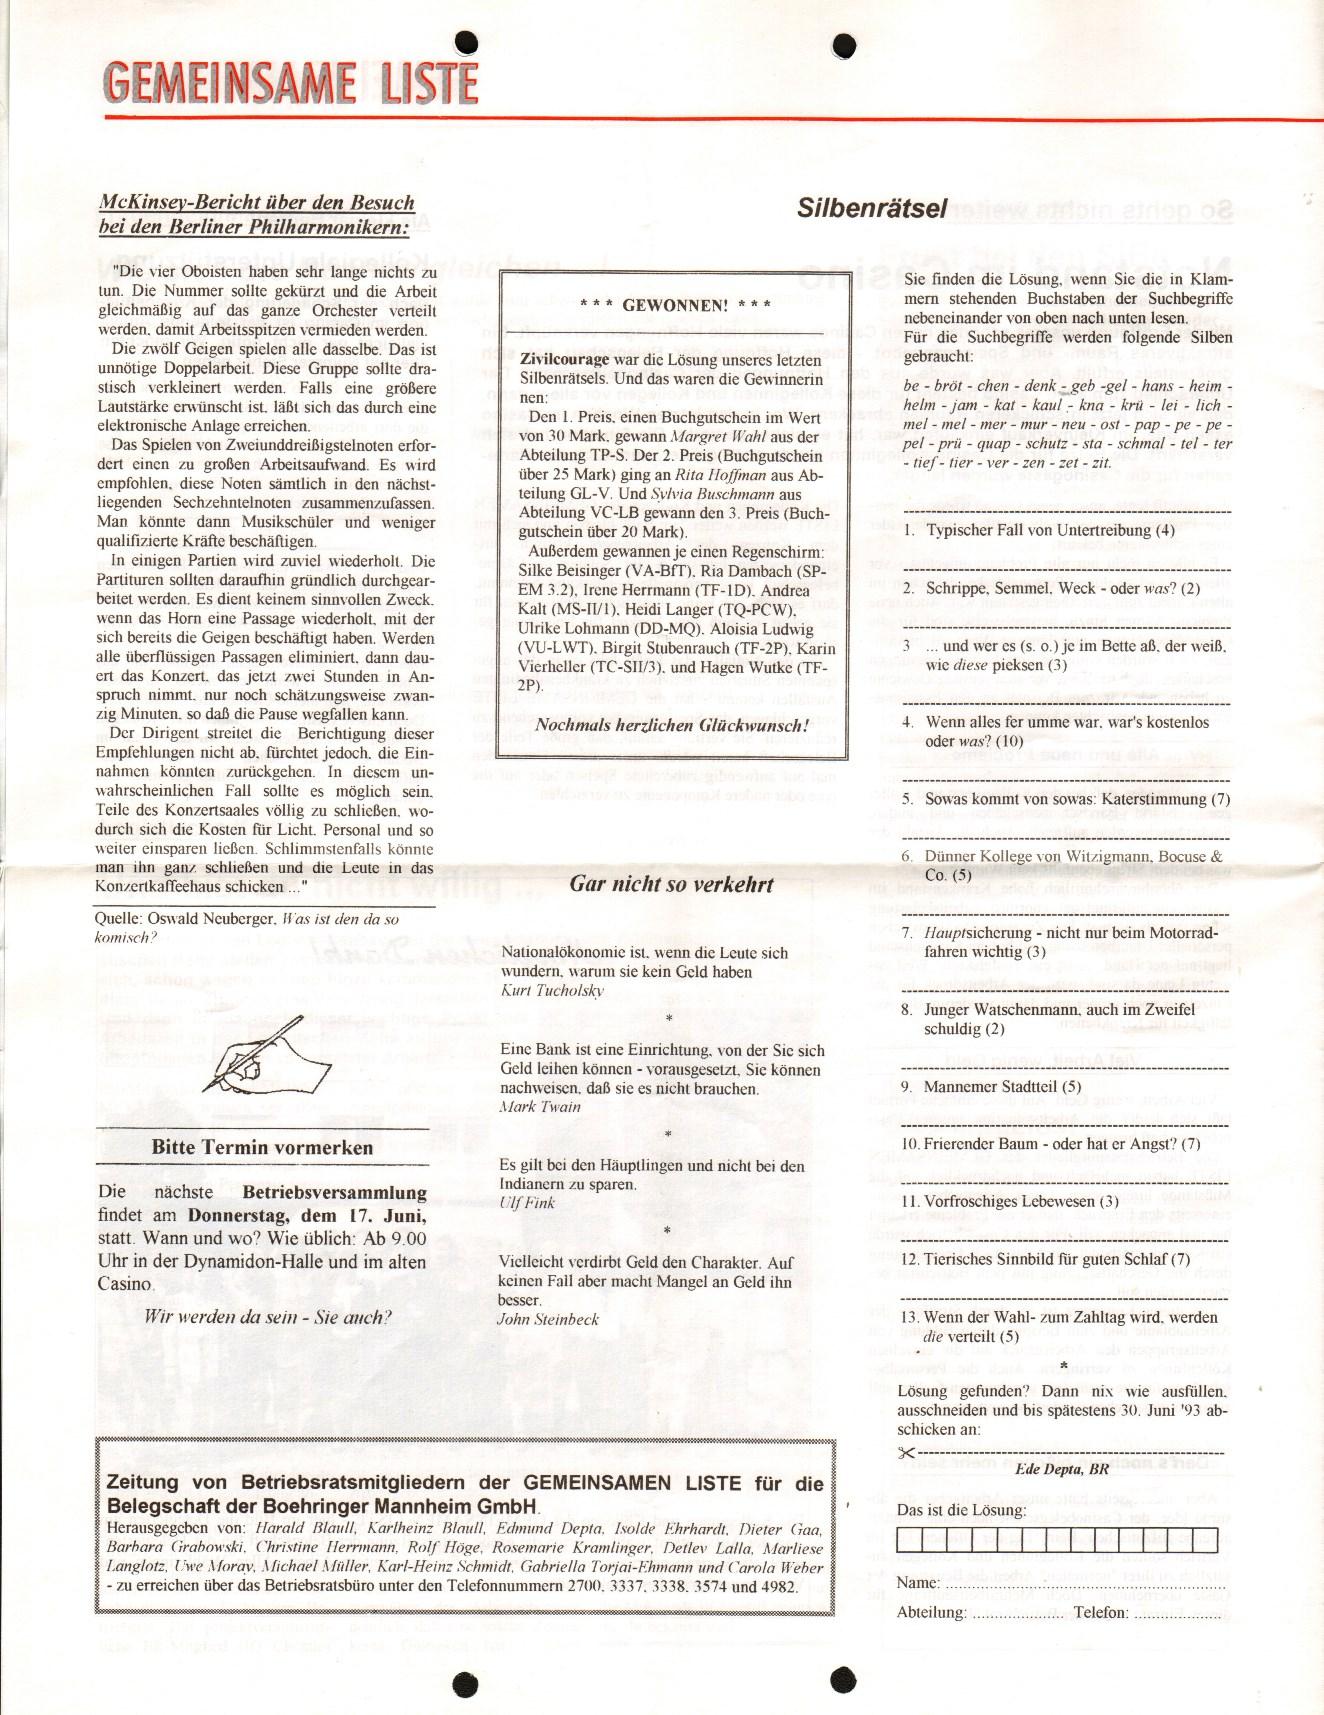 Mannheim_Boehringer_Gemeinsame_Liste_1993_02_04